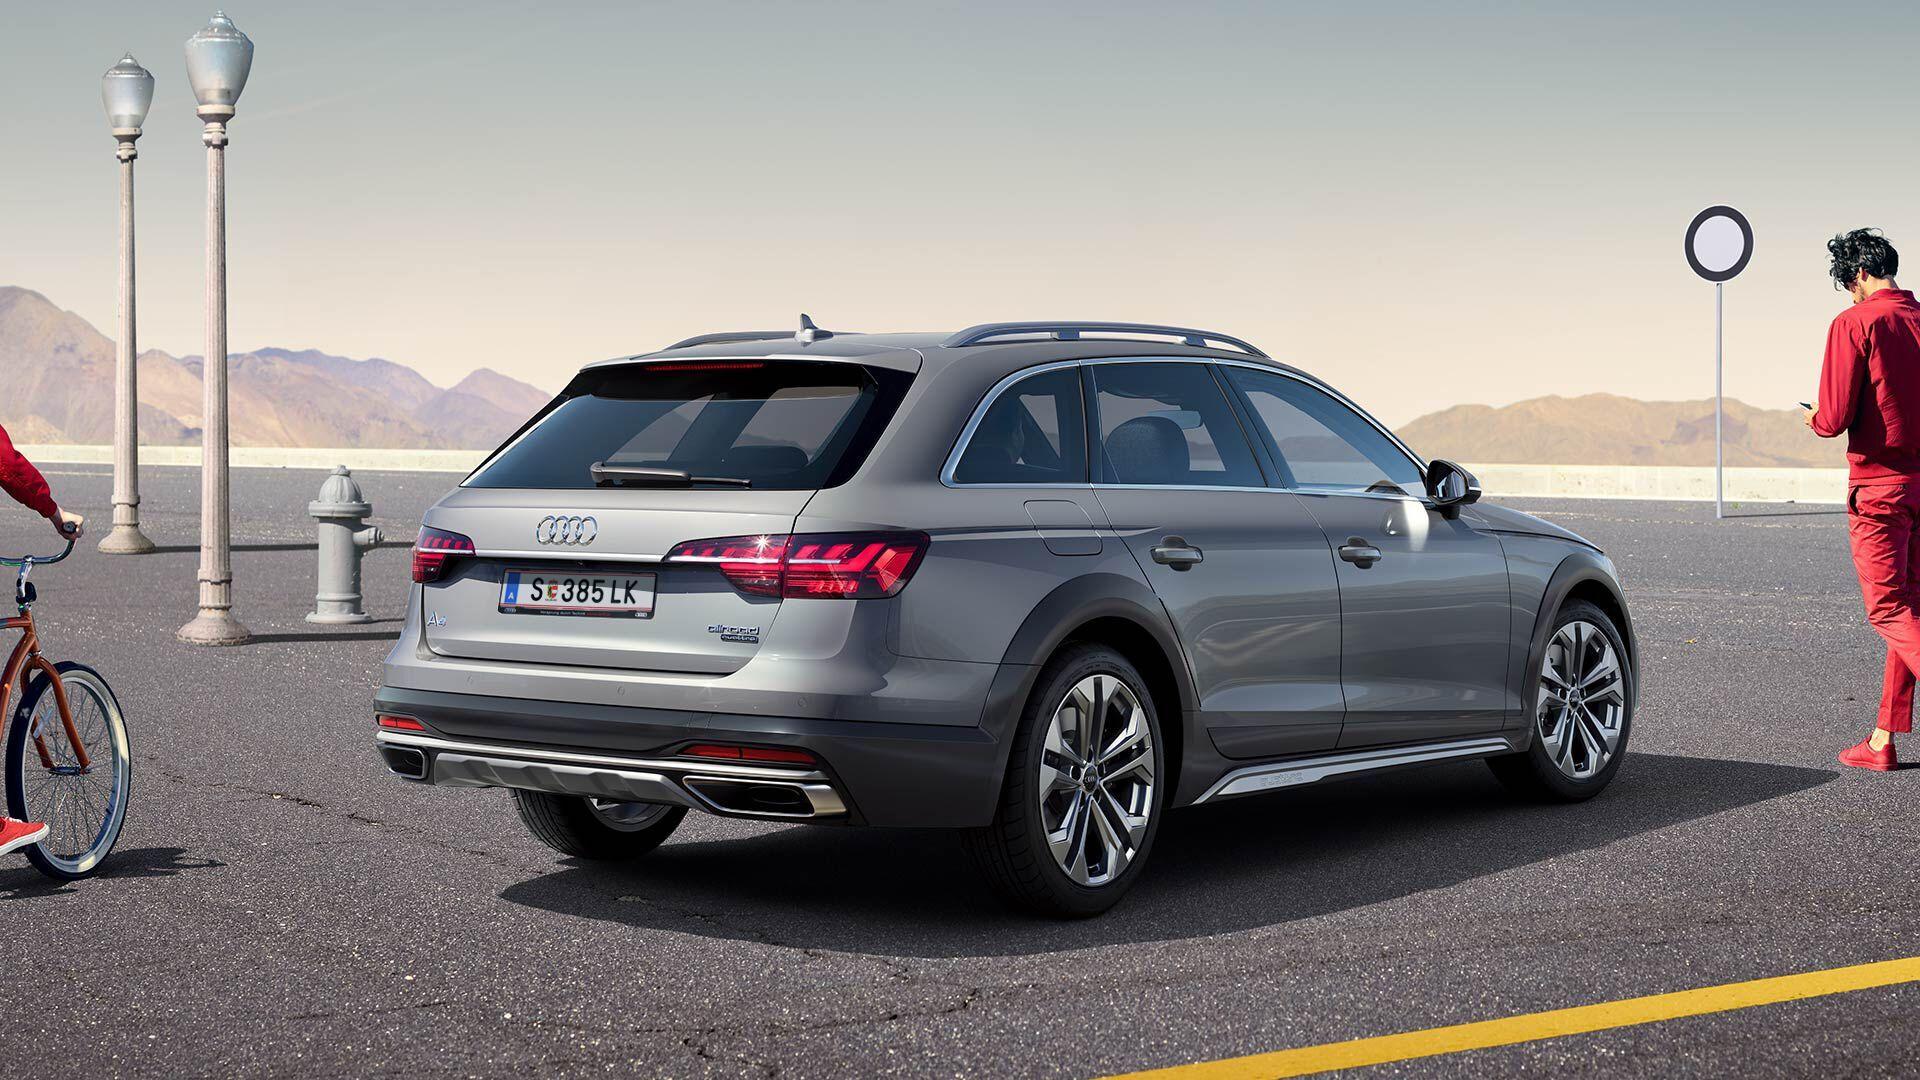 Audi A4 allroad – дорогая, но стильная и хорошо оснащенная модель